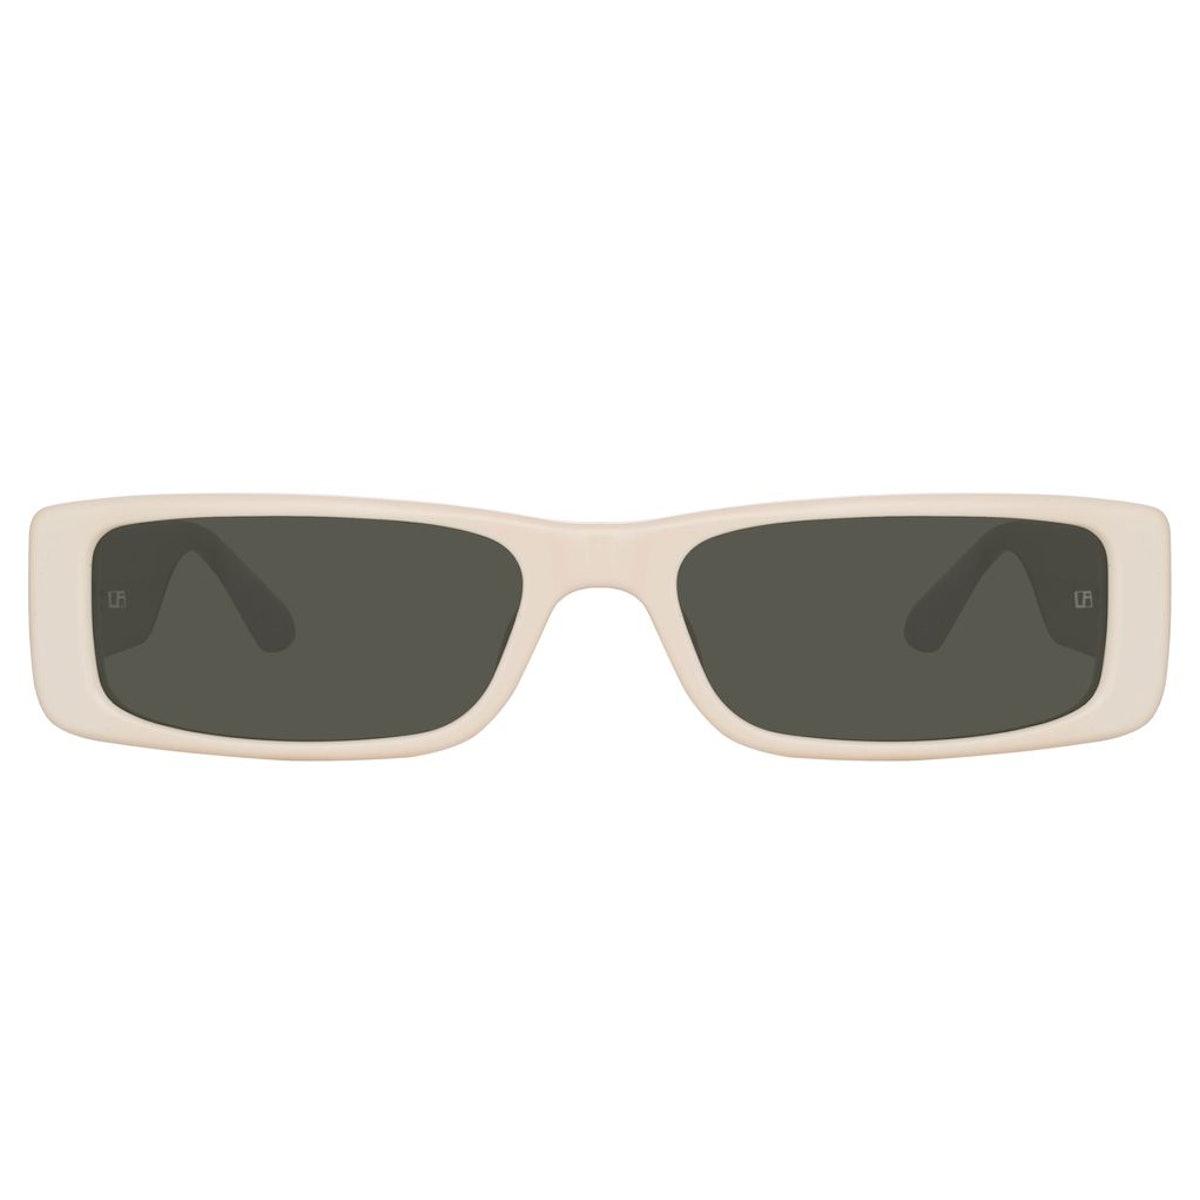 Dania Rectangular Sunglasses in Cream: image 1